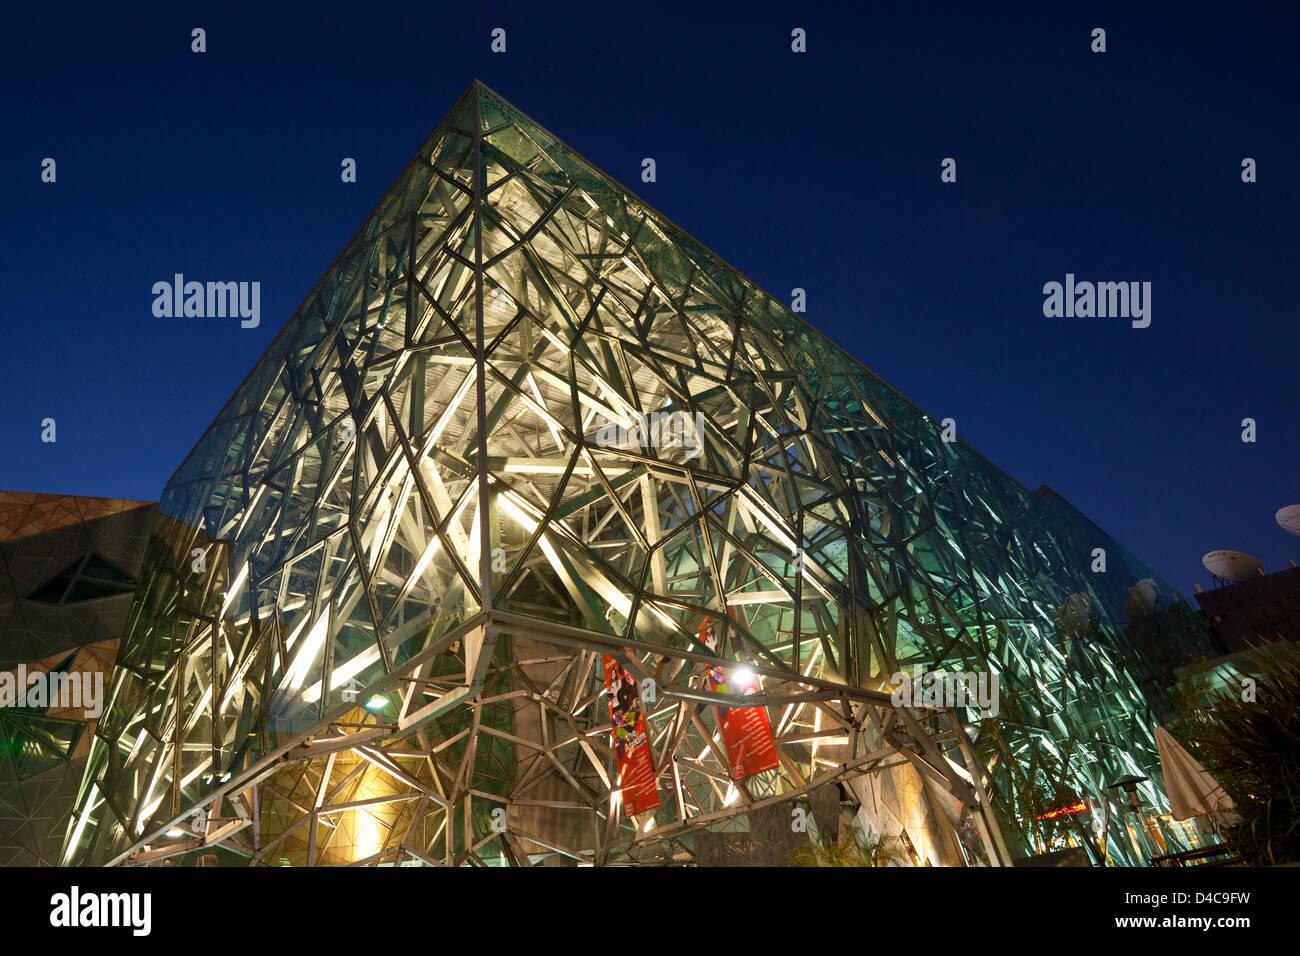 Architettura di Federation Square di notte. Melbourne, Victoria, Australia Immagini Stock